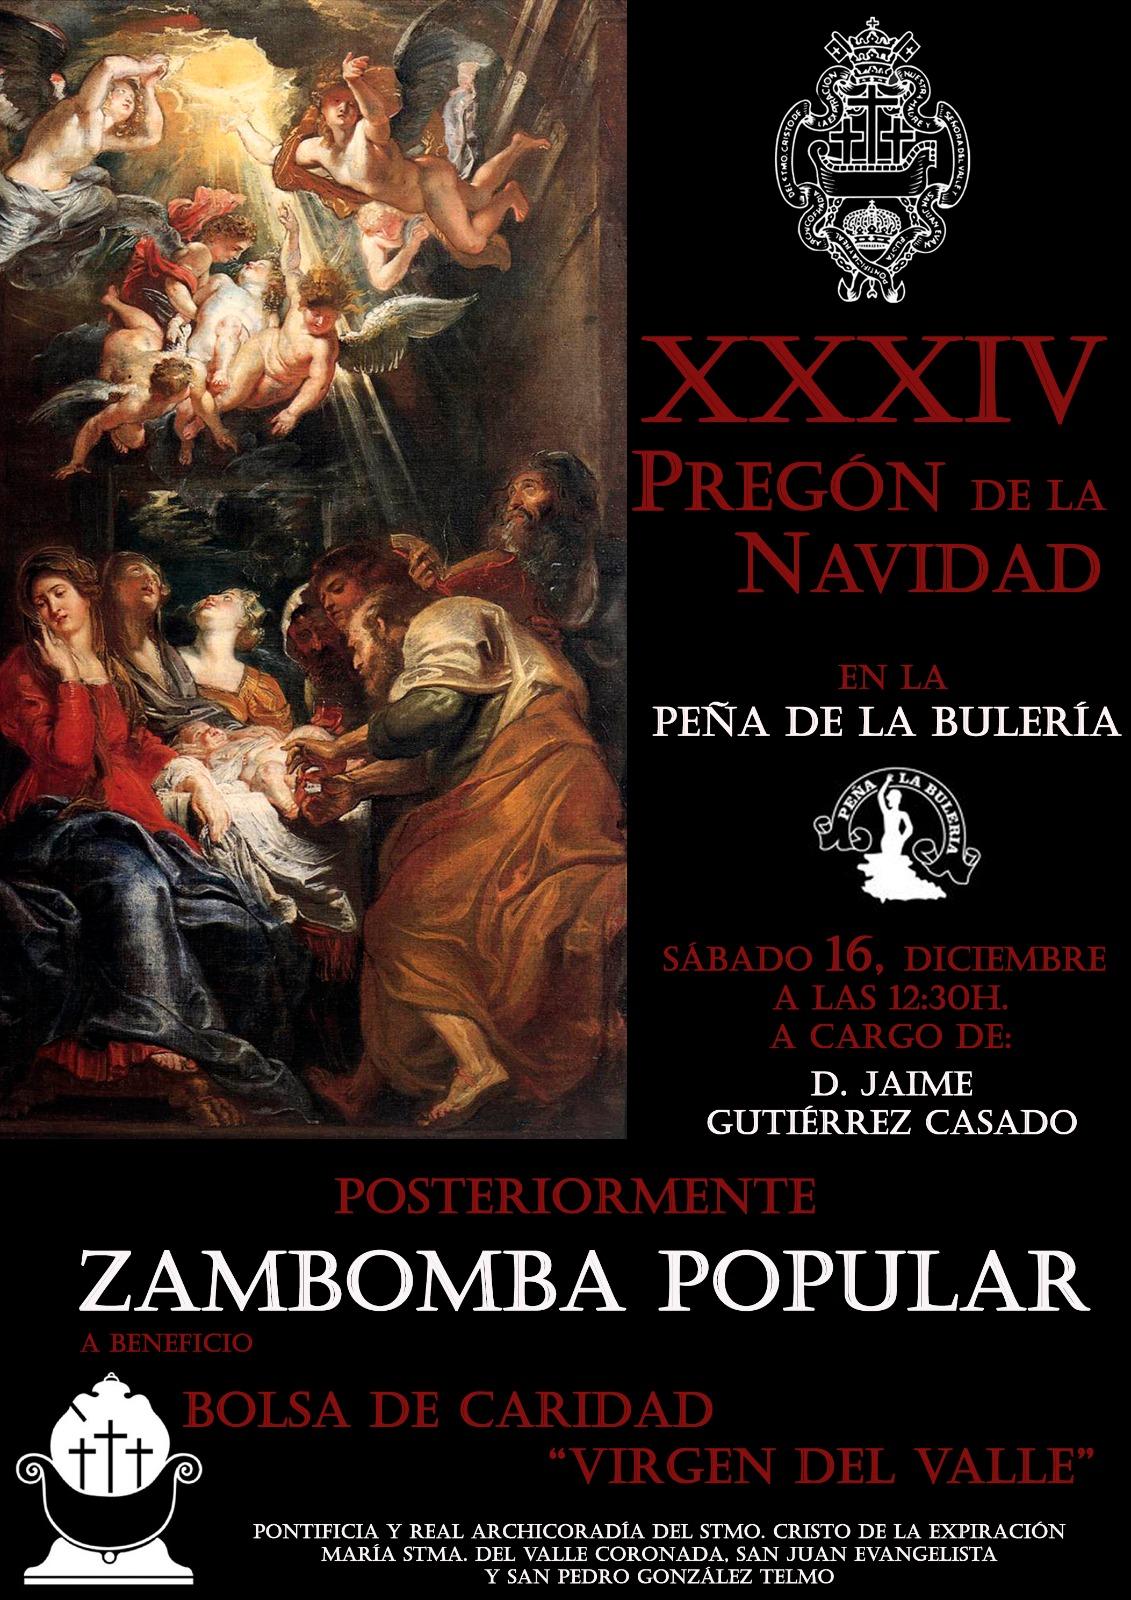 Zambomba 16 de diciembre